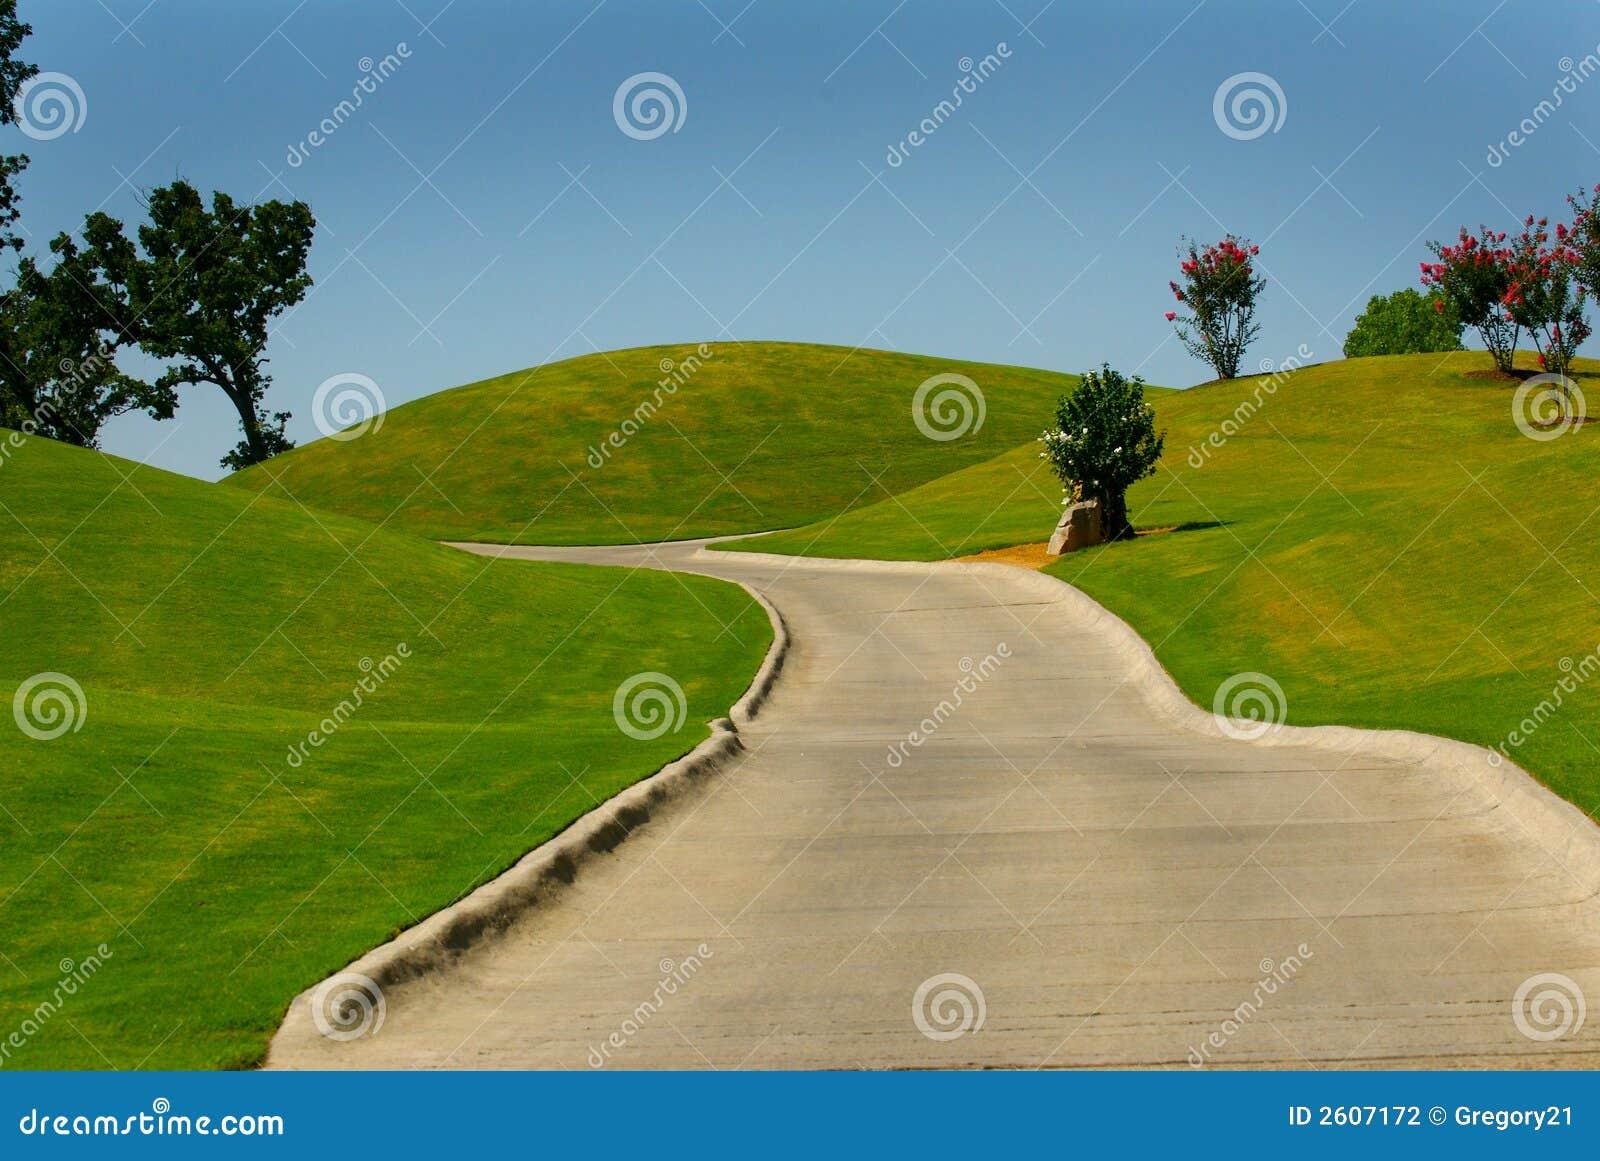 De karweg van het golf